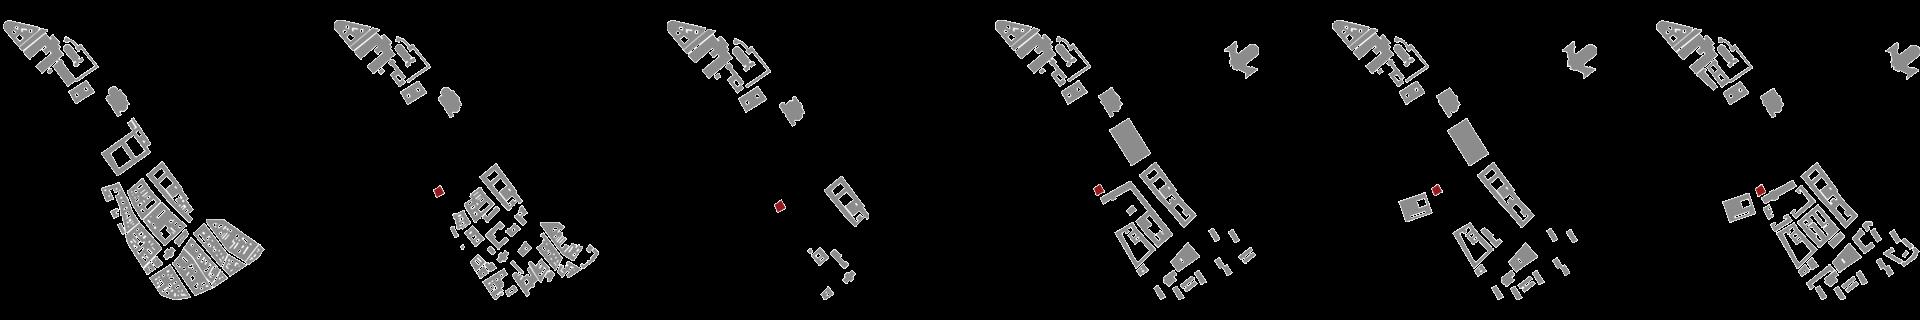 museuminsel urban evolution diagram